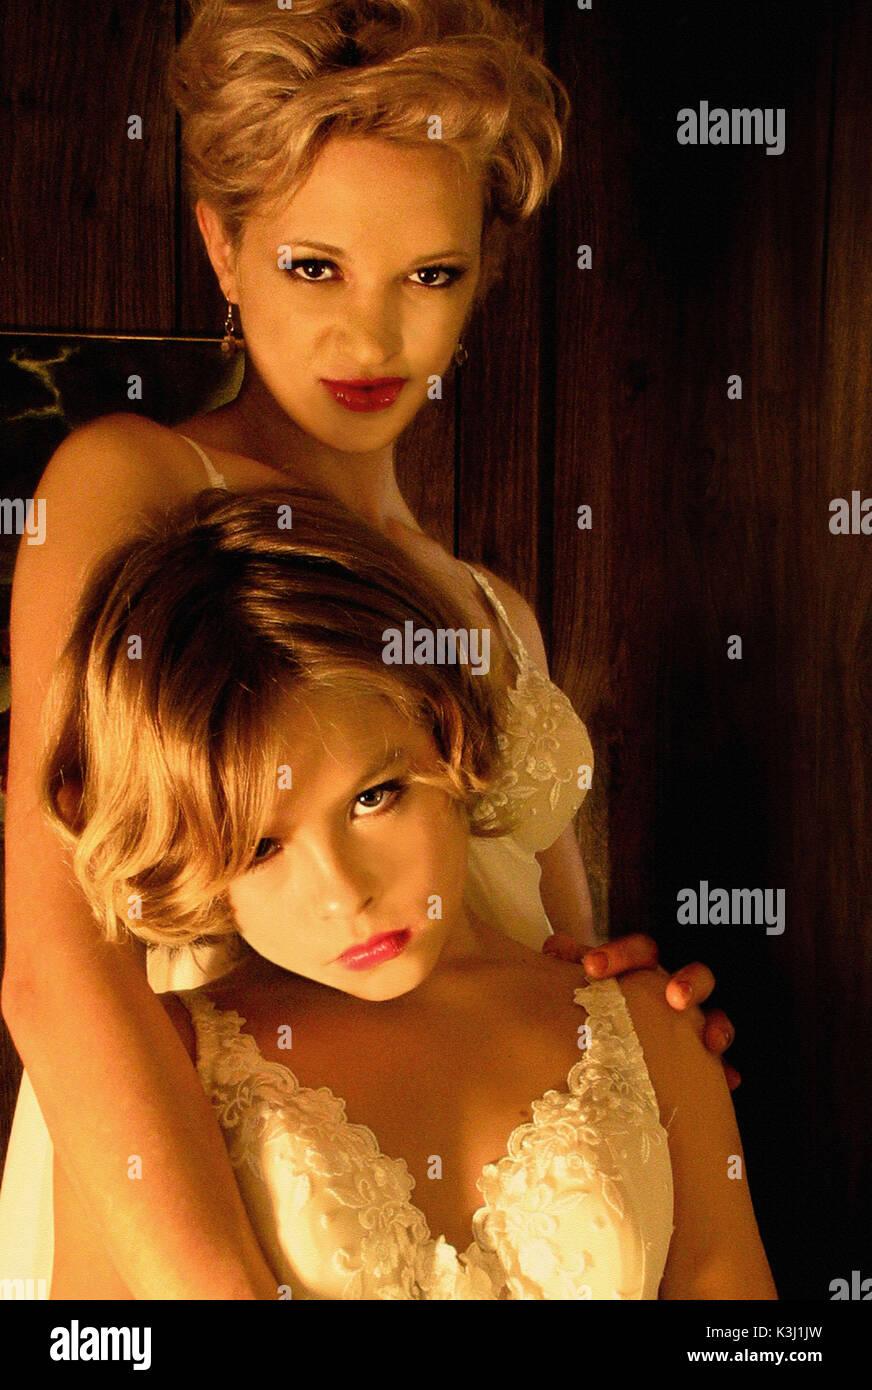 Le coeur est trompeur par-dessus toutes choses Sarah avec Jérémie (Jimmy Bennett) Le coeur est trompeur par-dessus toutes choses Asia Argento, JIMMY BENNETT Date: 2004 Photo Stock